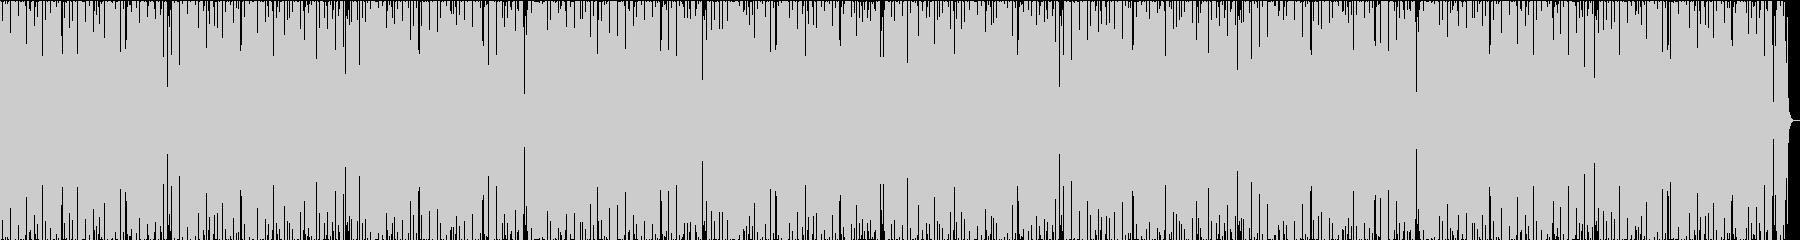 トーク番組などに、軽快でポップなピアノの未再生の波形